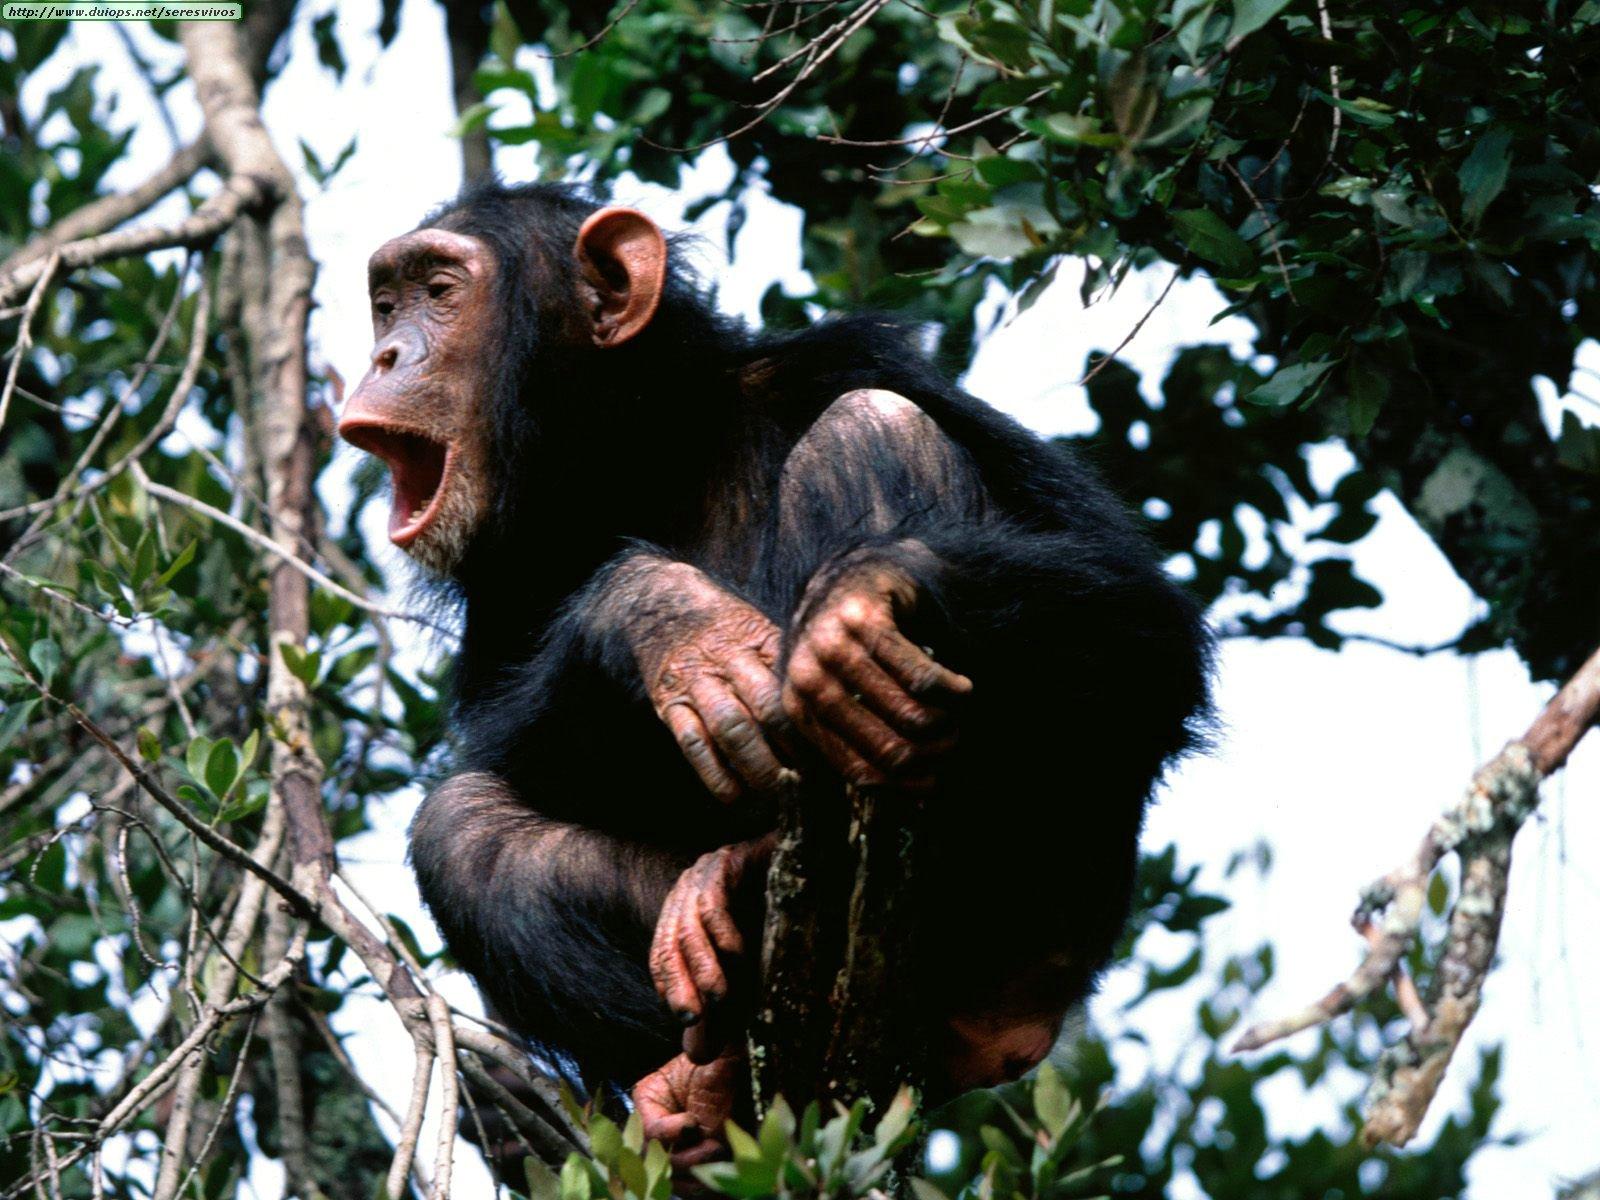 Científicos descubren que a los chimpancés les gusta «ser curaos» en grupo